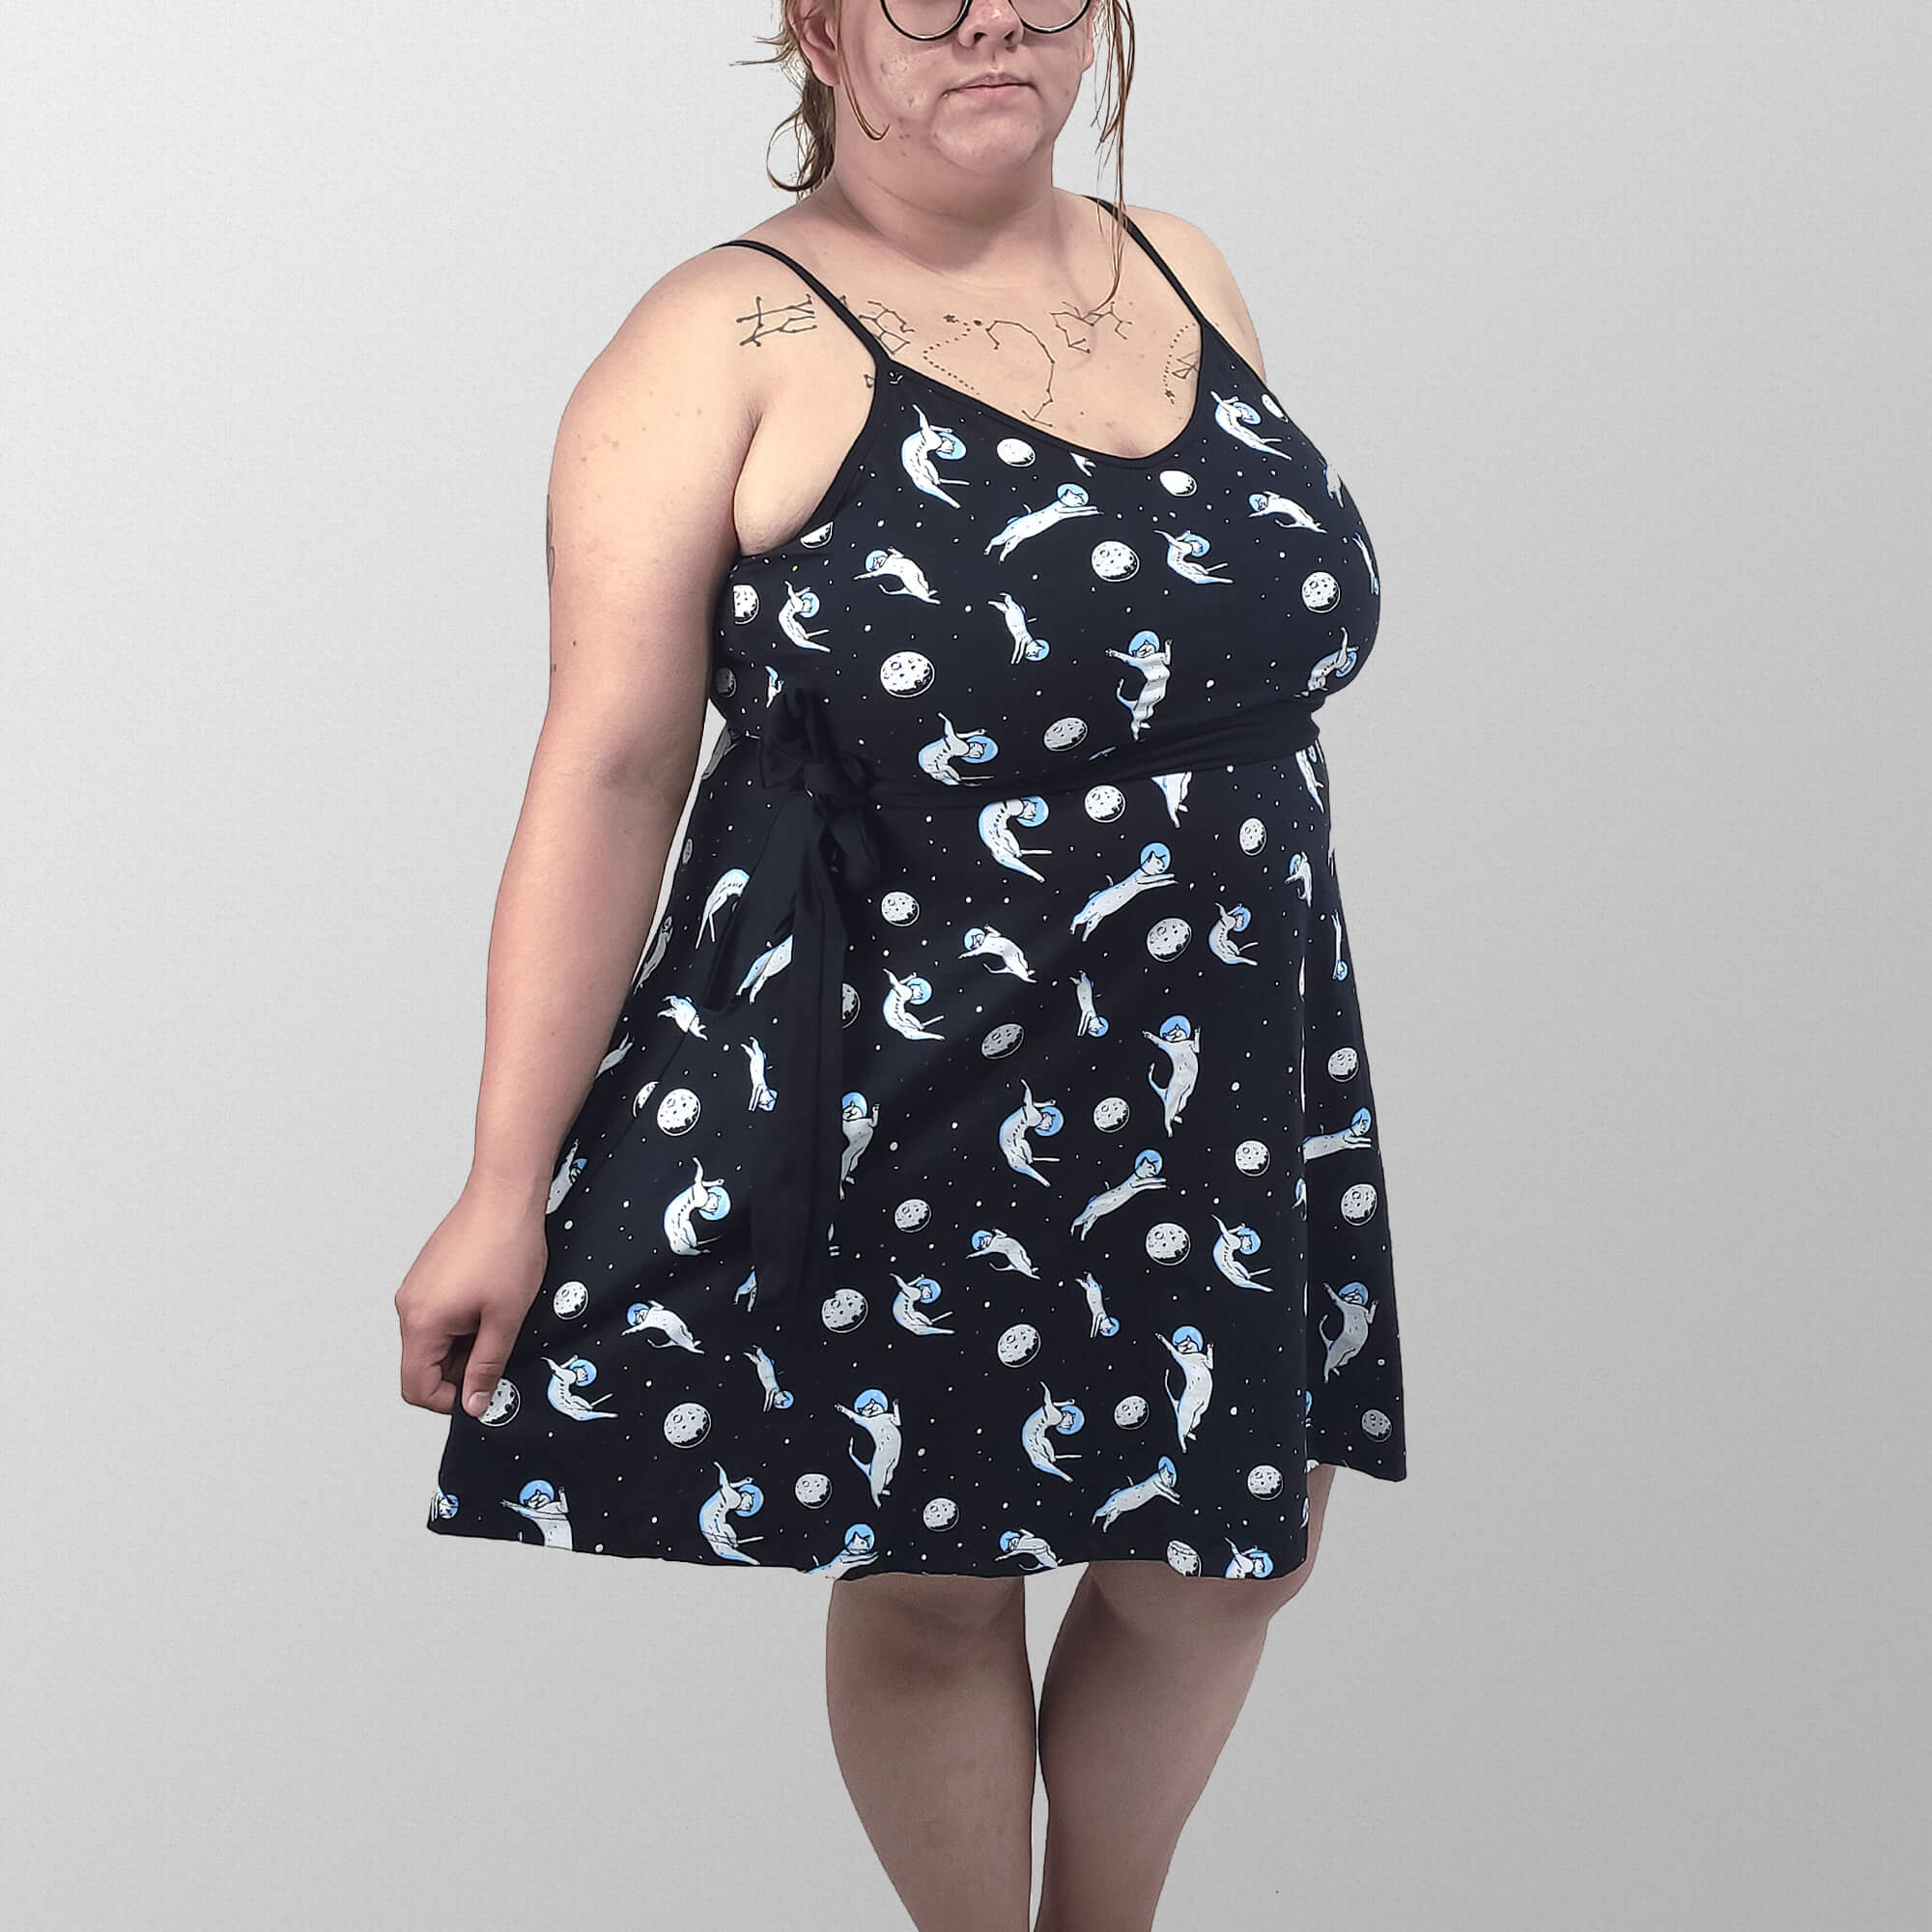 Vestido Alcinha Total Gatonautinha